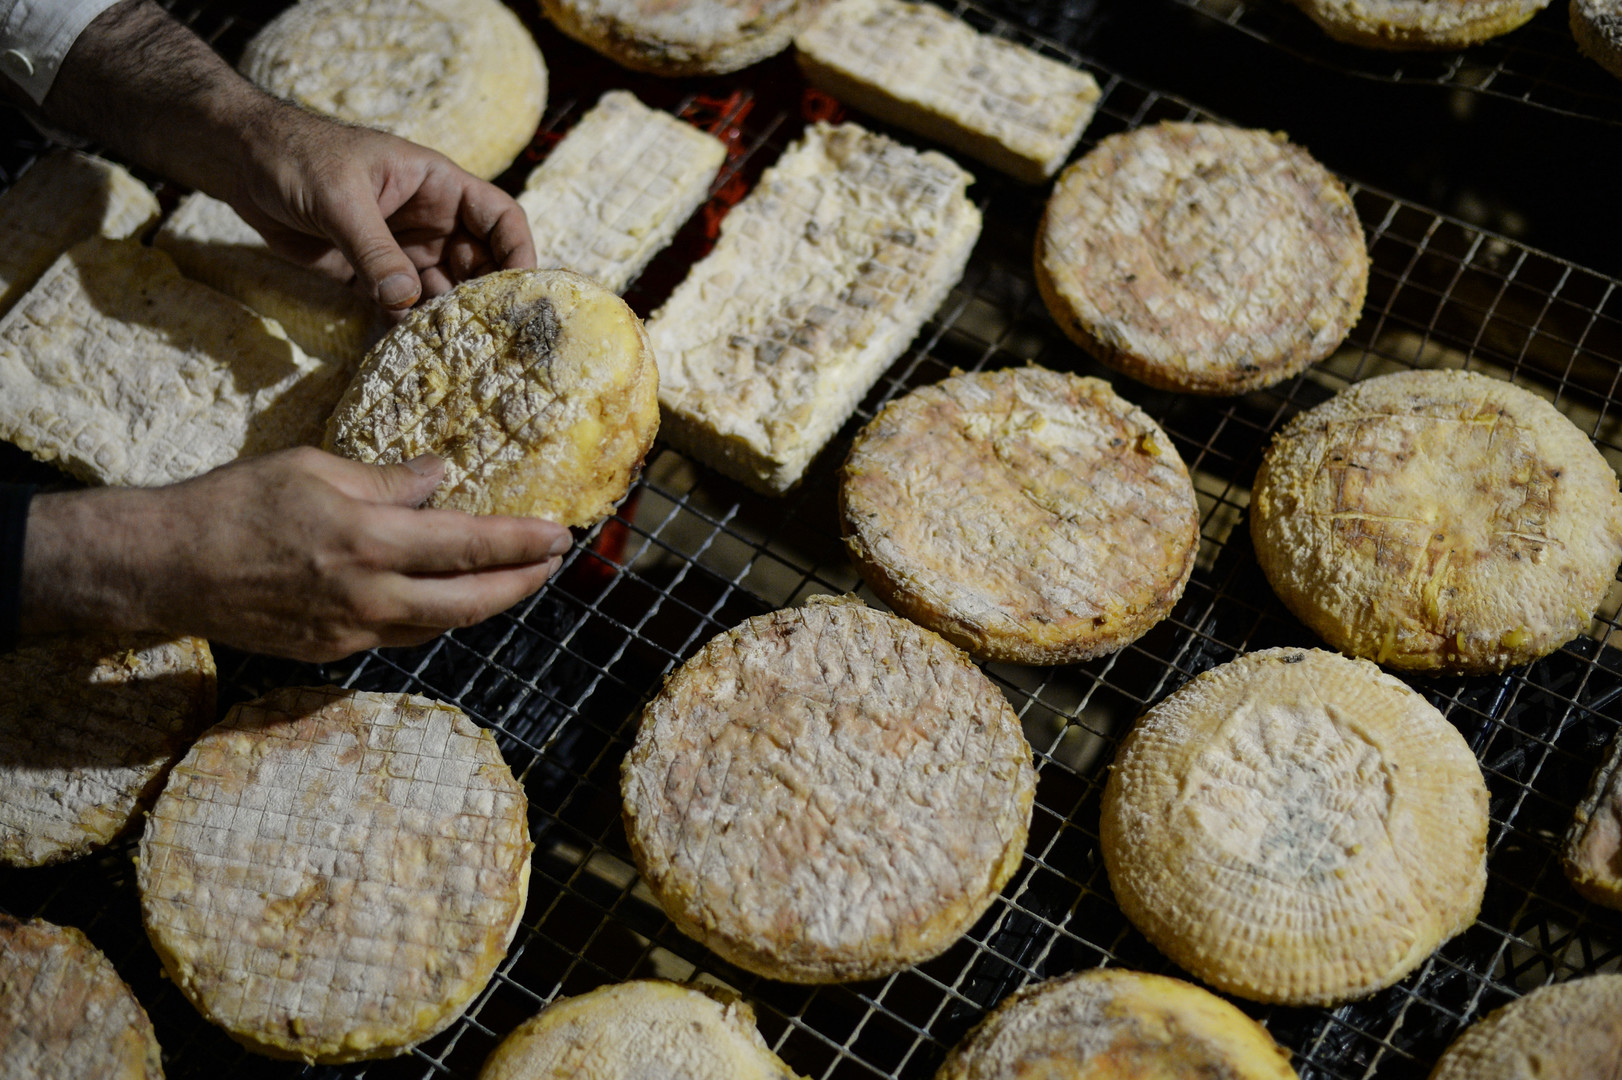 Сыр в камере, в которой проходит один из этапов изготовления, на ферме частной ферме в деревне Масловка Липецкой области.